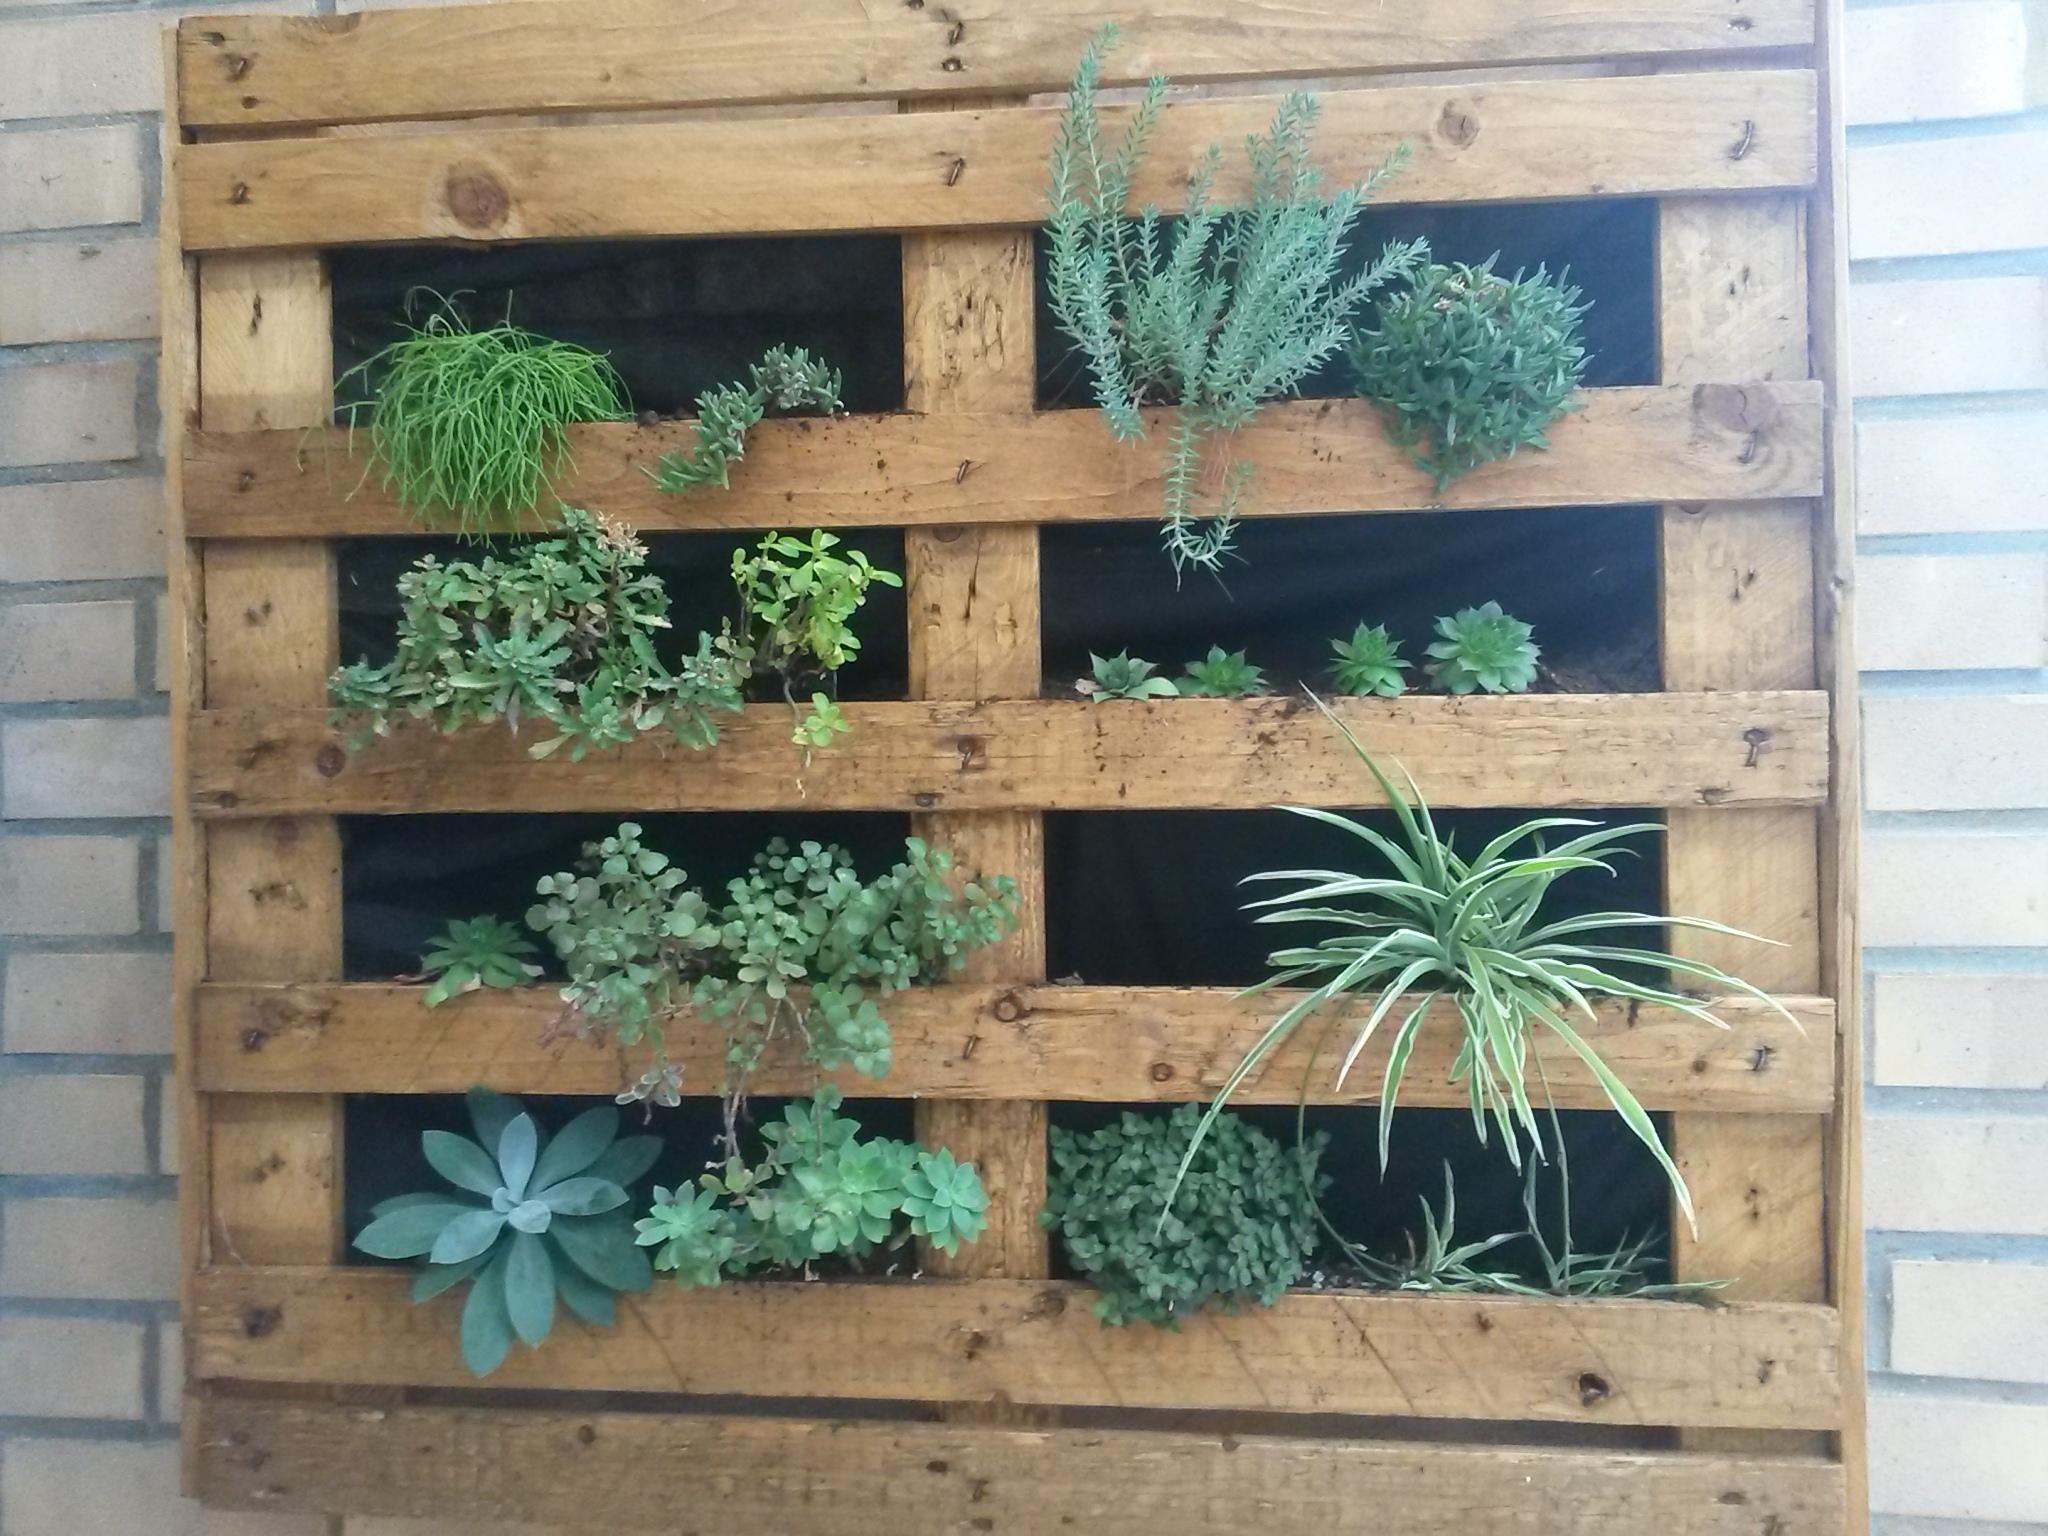 Mur végétal : decoration-murale-maison par valeriewoodpallets